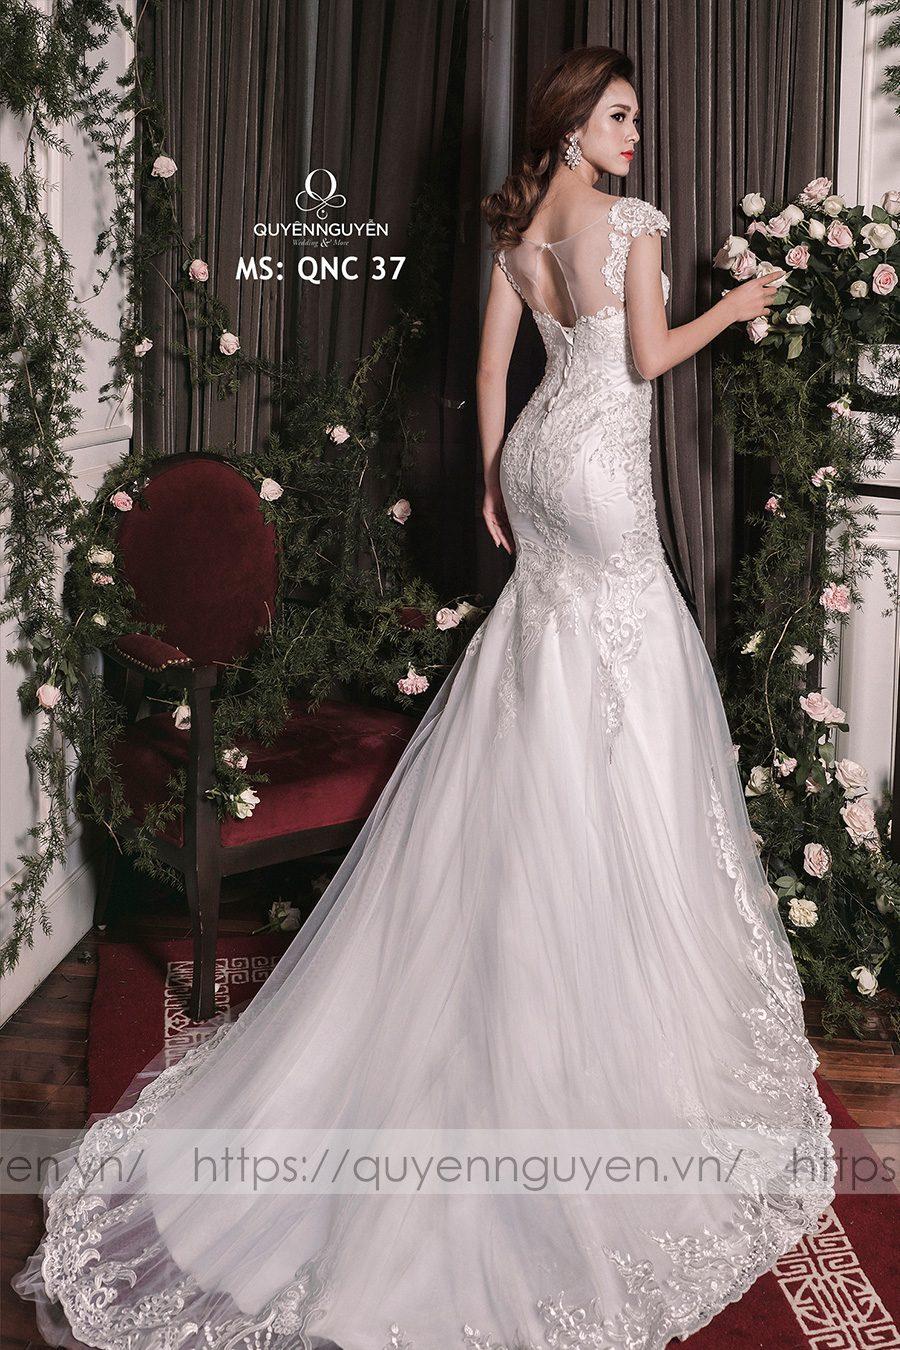 15 mẫu váy cưới hở lưng tăng phần quyến rũ và hấp dẫn